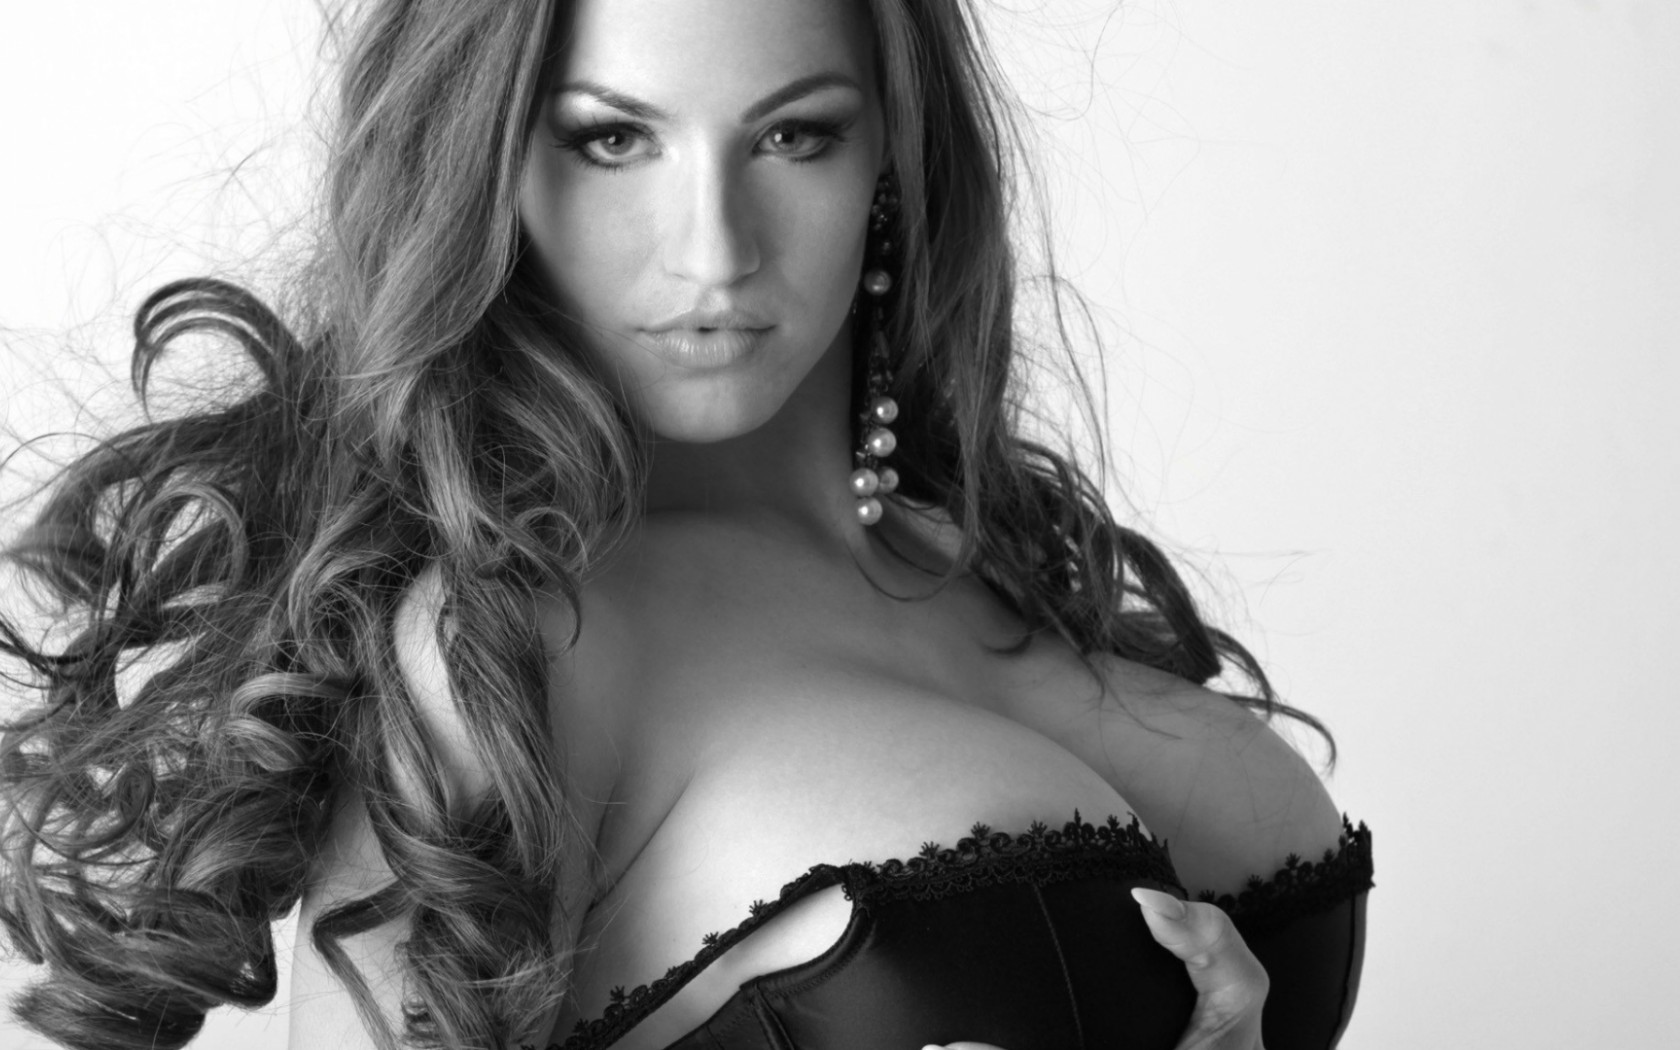 Сисястая с верху, Порно Наездница -видео. Смотреть порно онлайн! 7 фотография